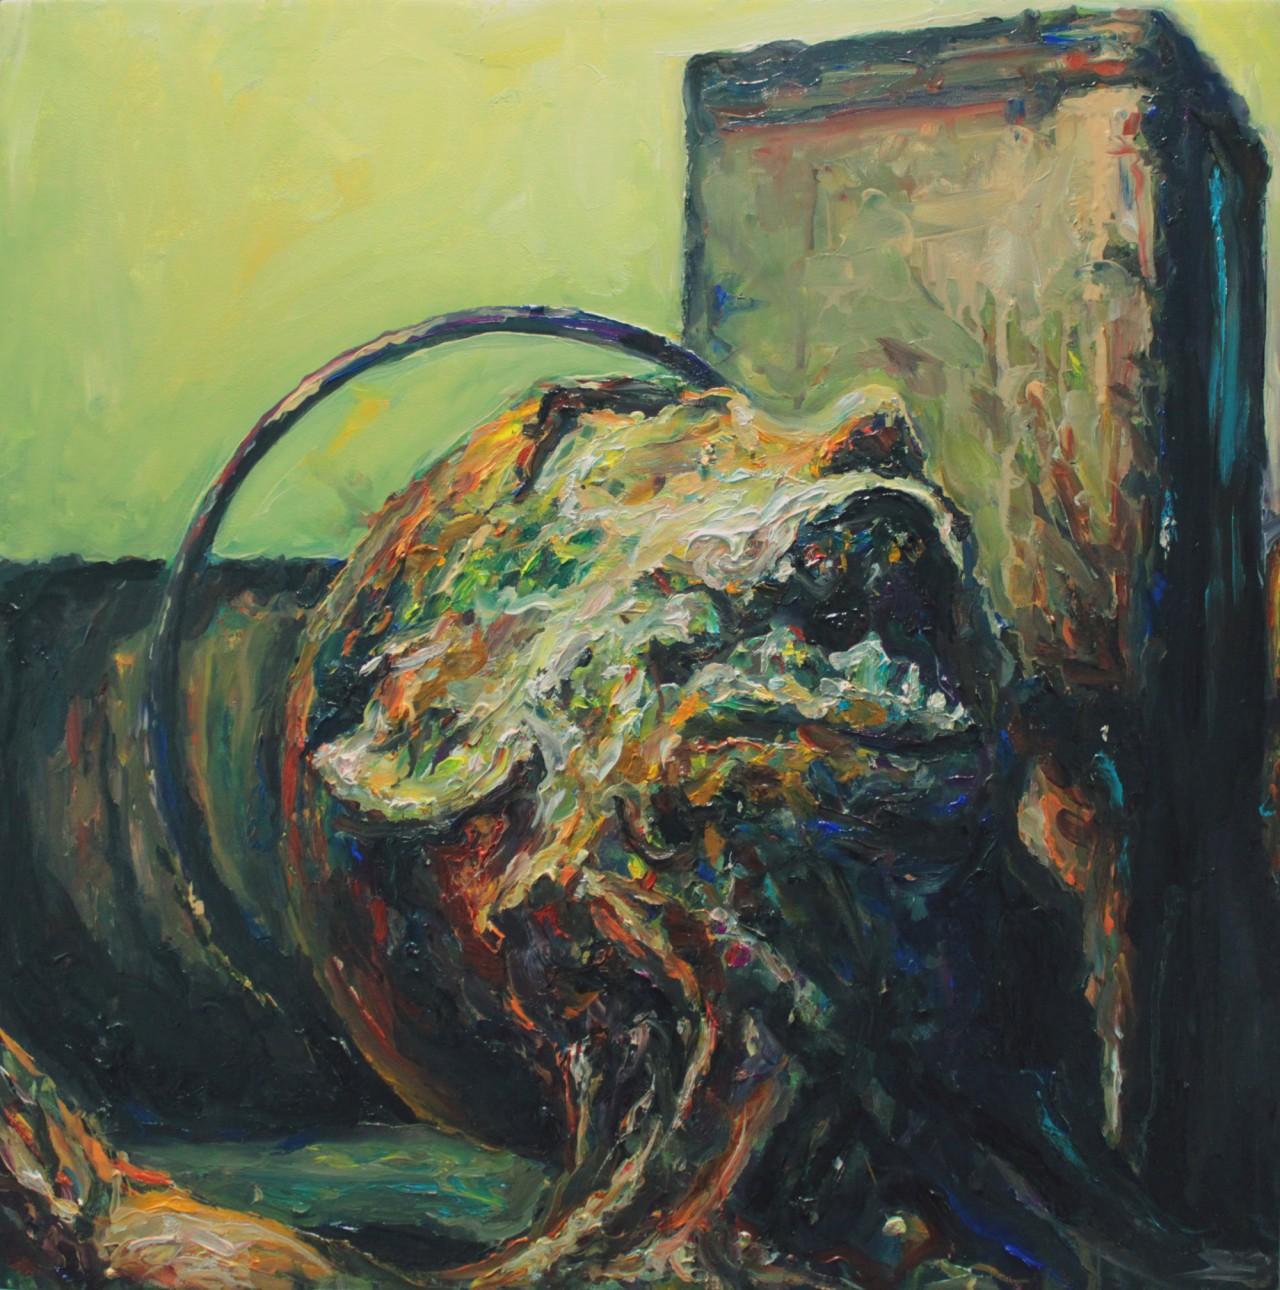 Illuminati III - Cerezo Montilla - compar cuadros modernos, comprar cuadros, cuadros modernos